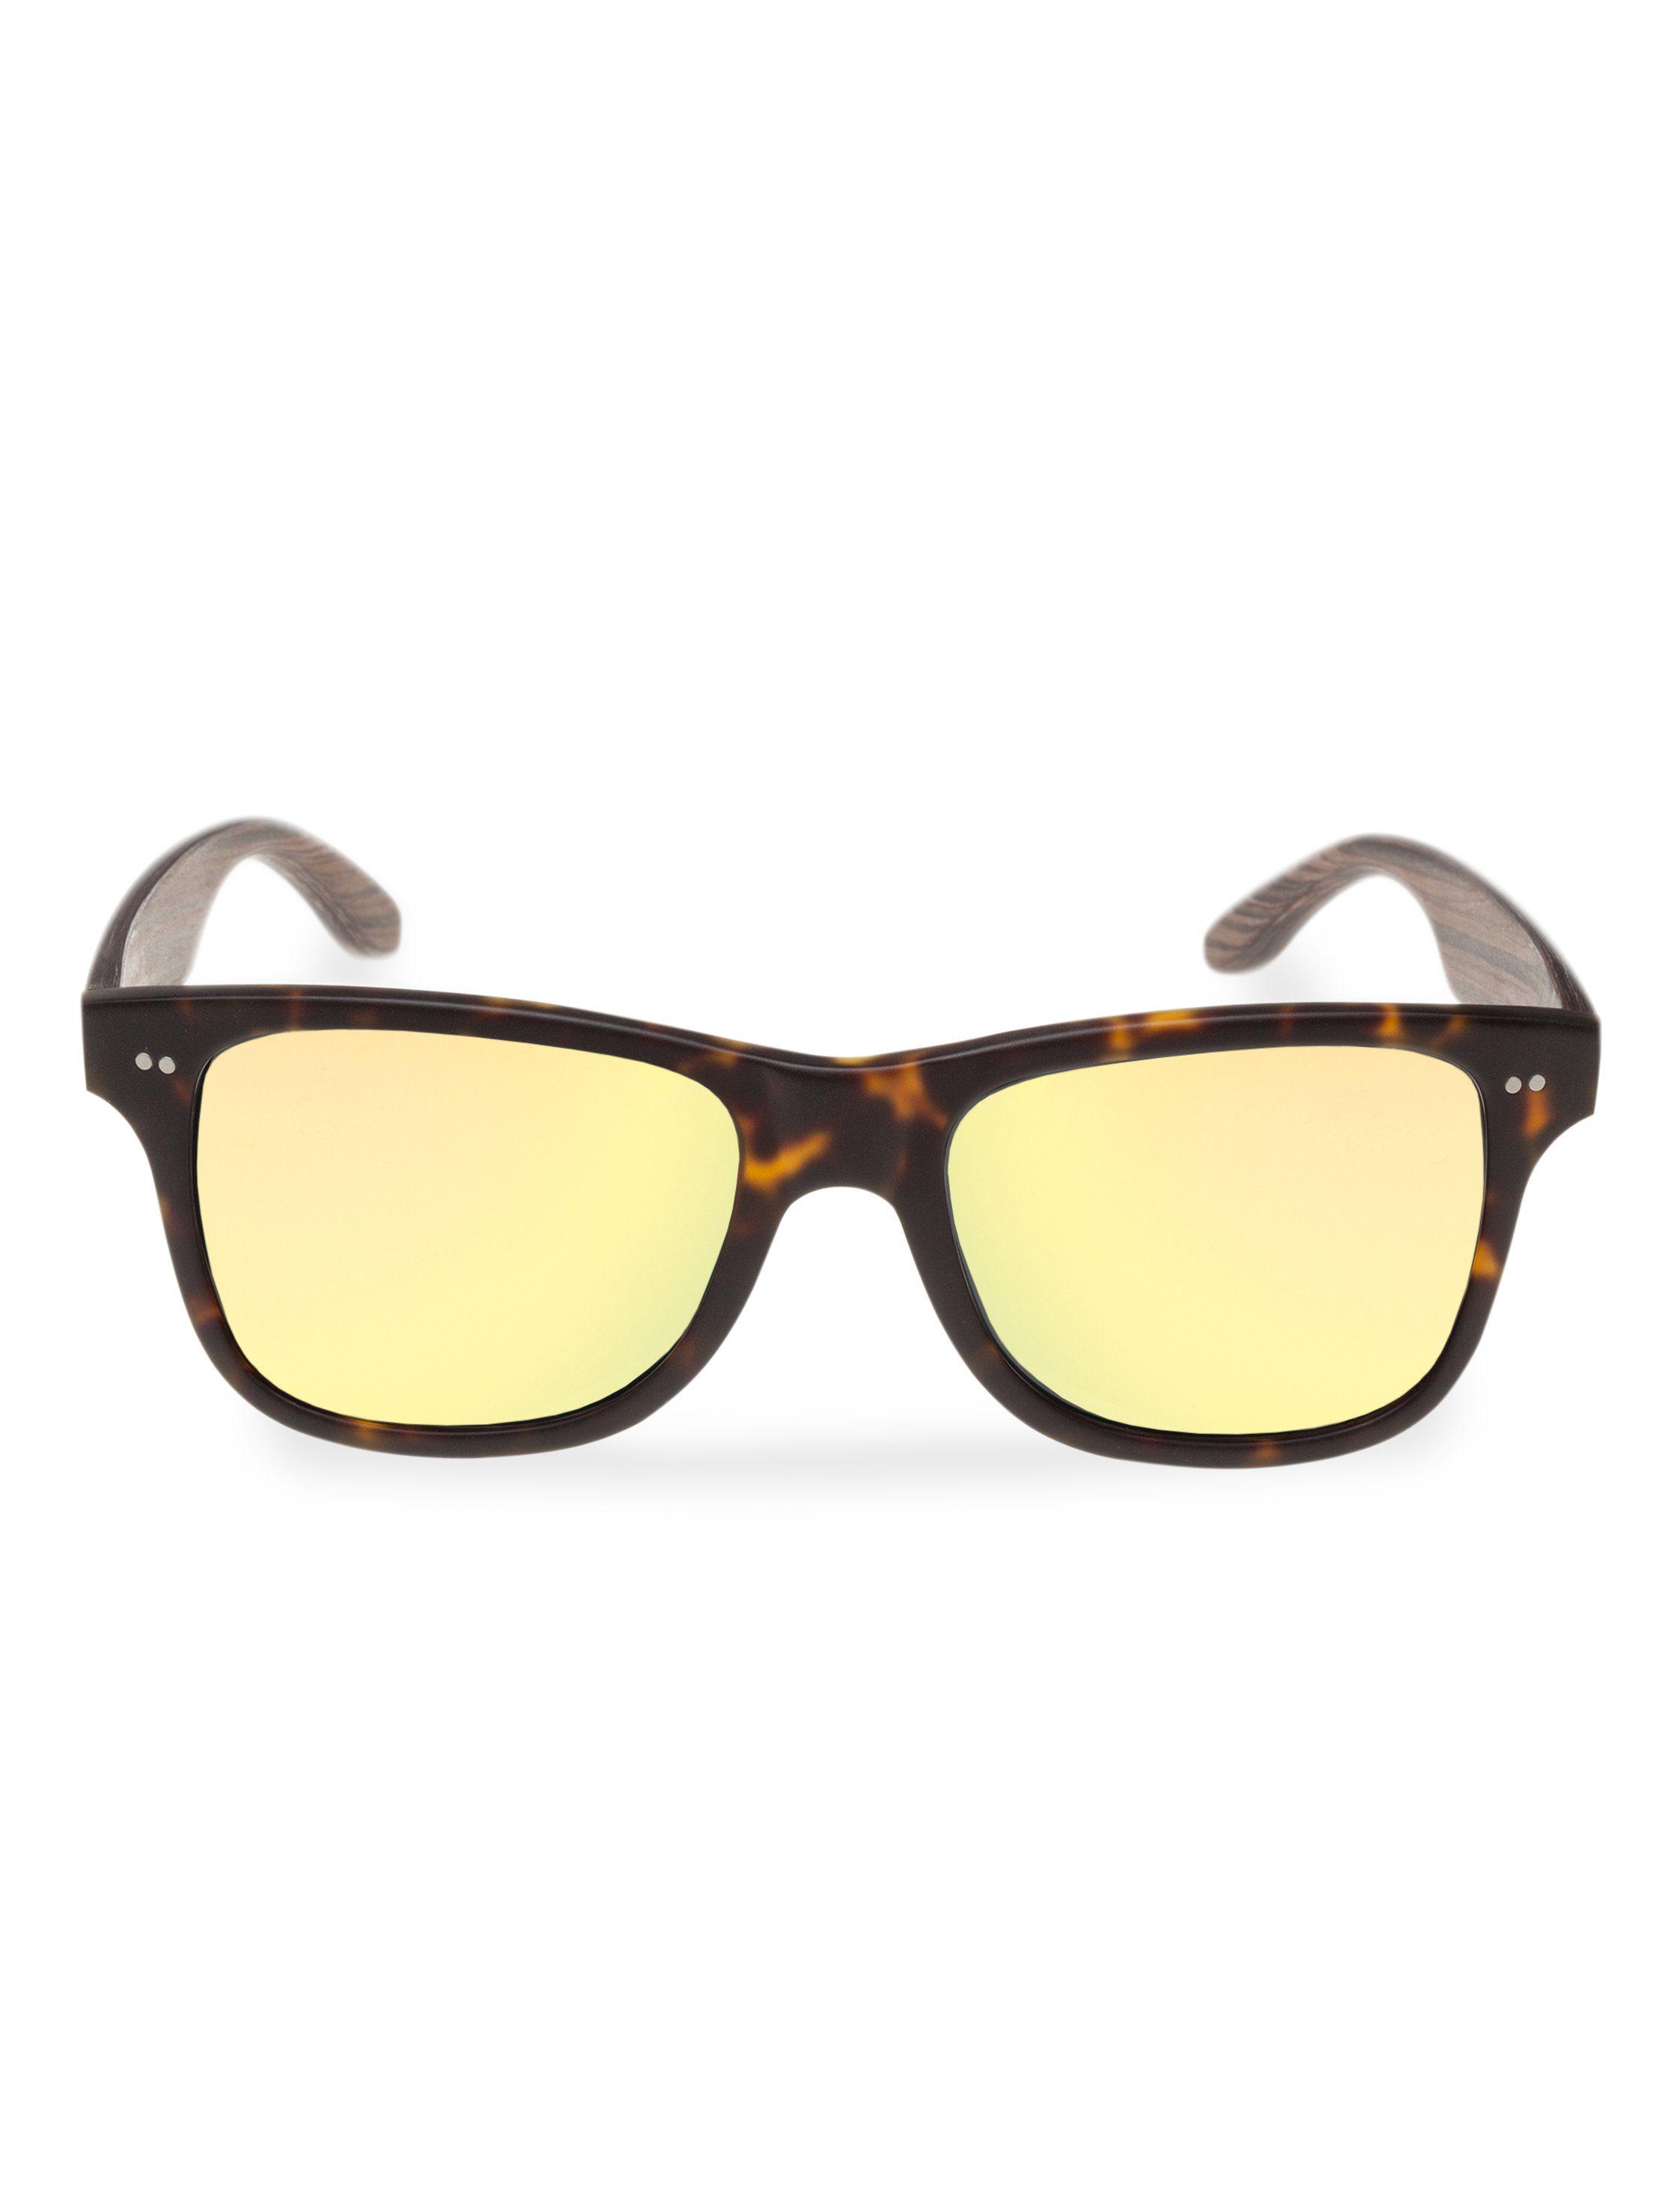 Beauty & Gesundheit More & More Extrakleine Brille Mädchenfassung Lila-pink Damengestell Grösse S Brillenfassungen